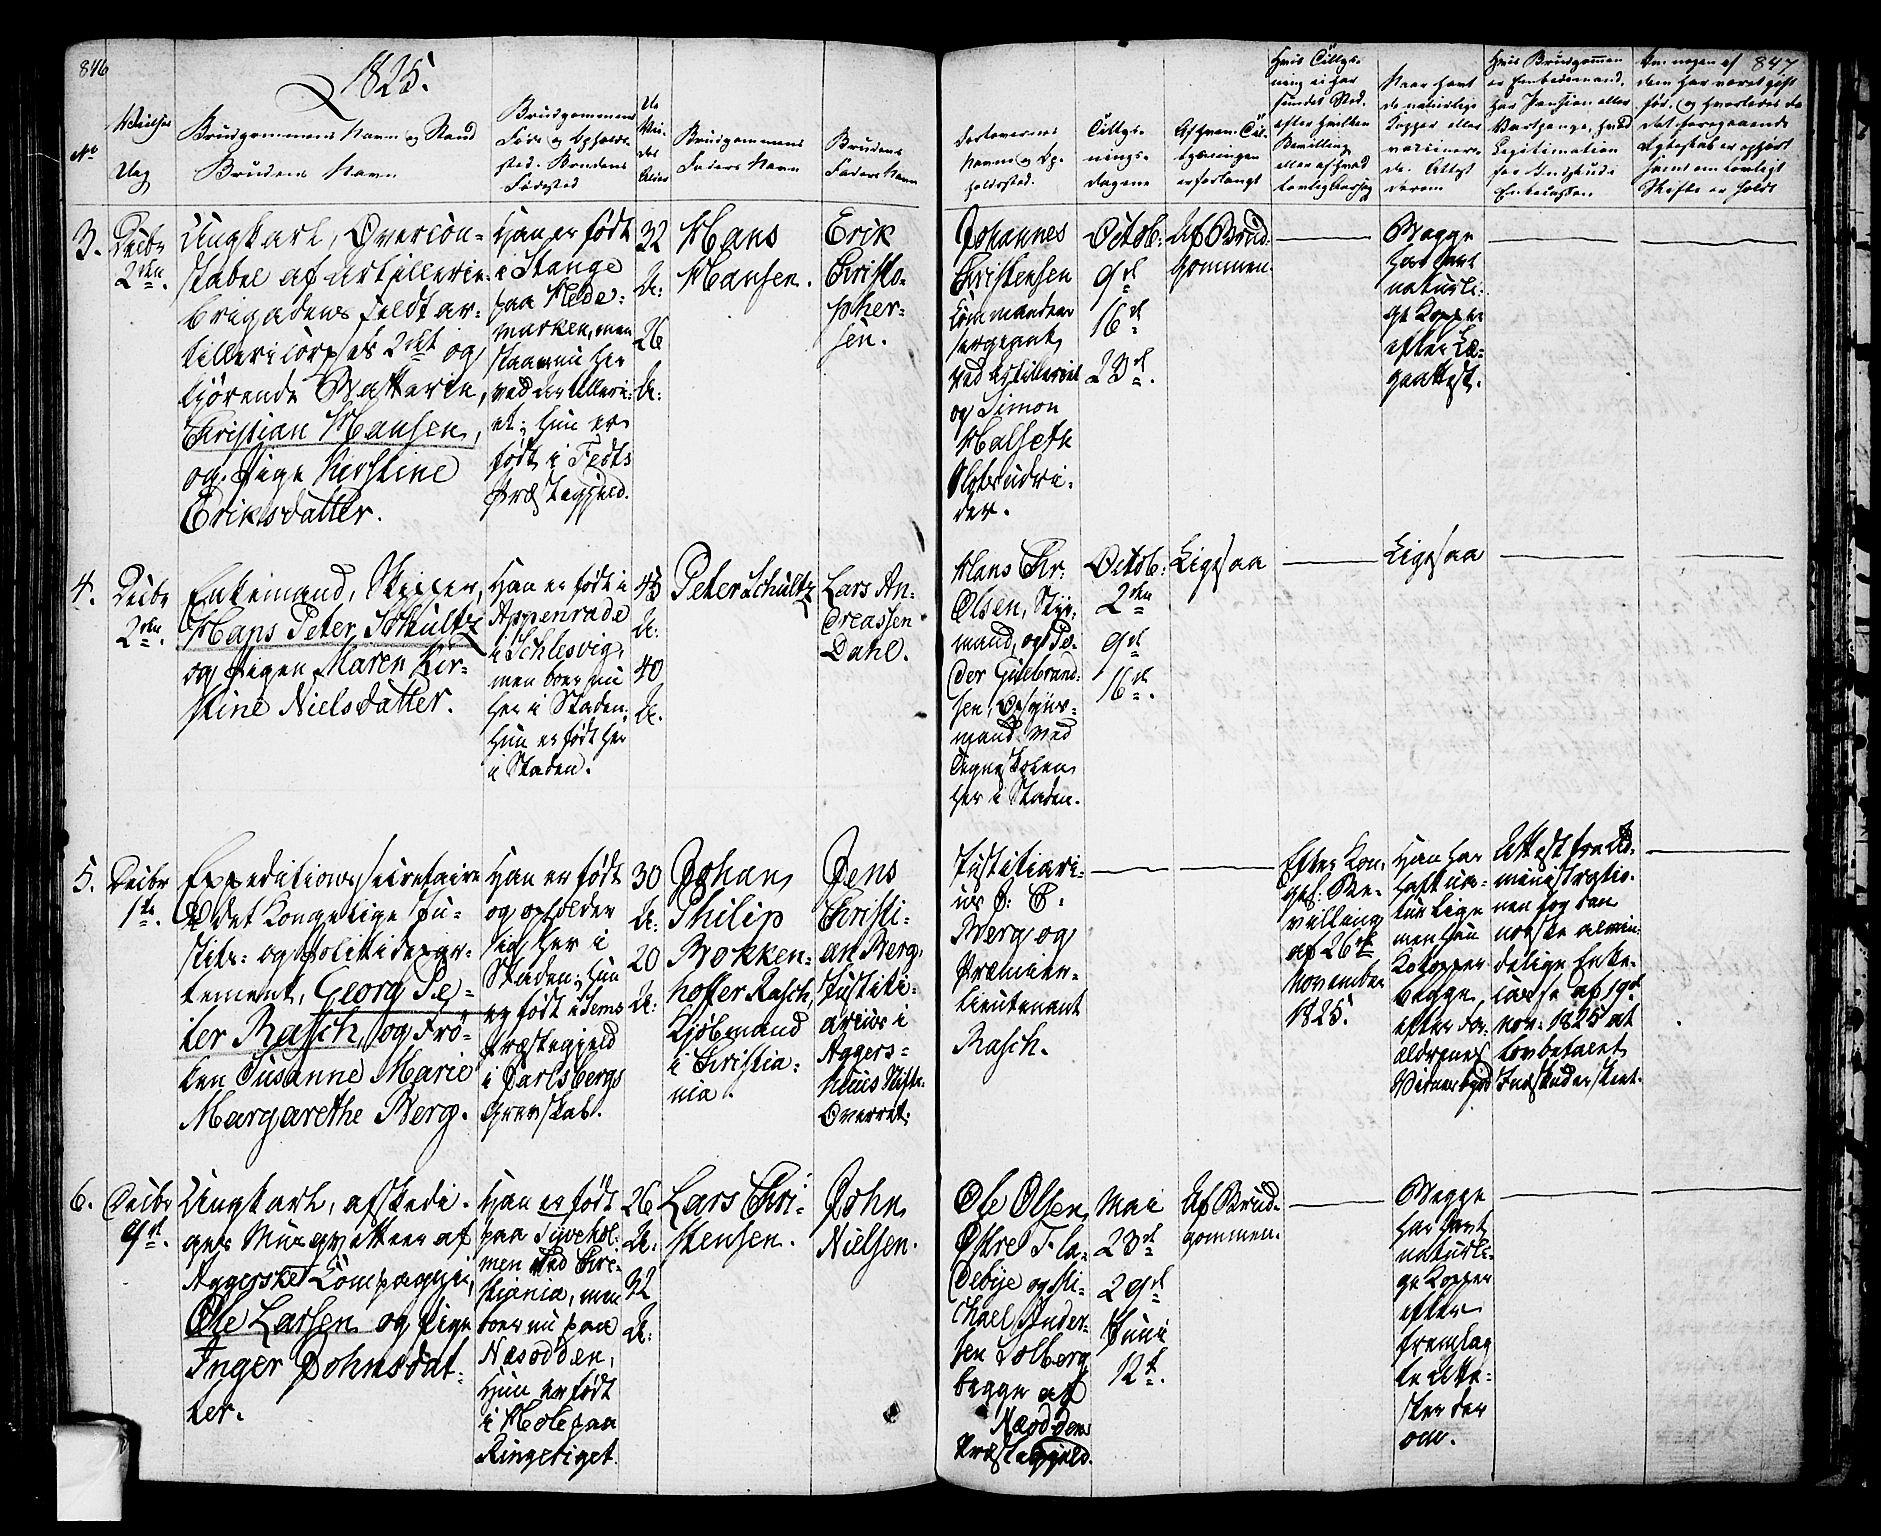 SAO, Oslo domkirke Kirkebøker, F/Fa/L0010: Ministerialbok nr. 10, 1824-1830, s. 846-847